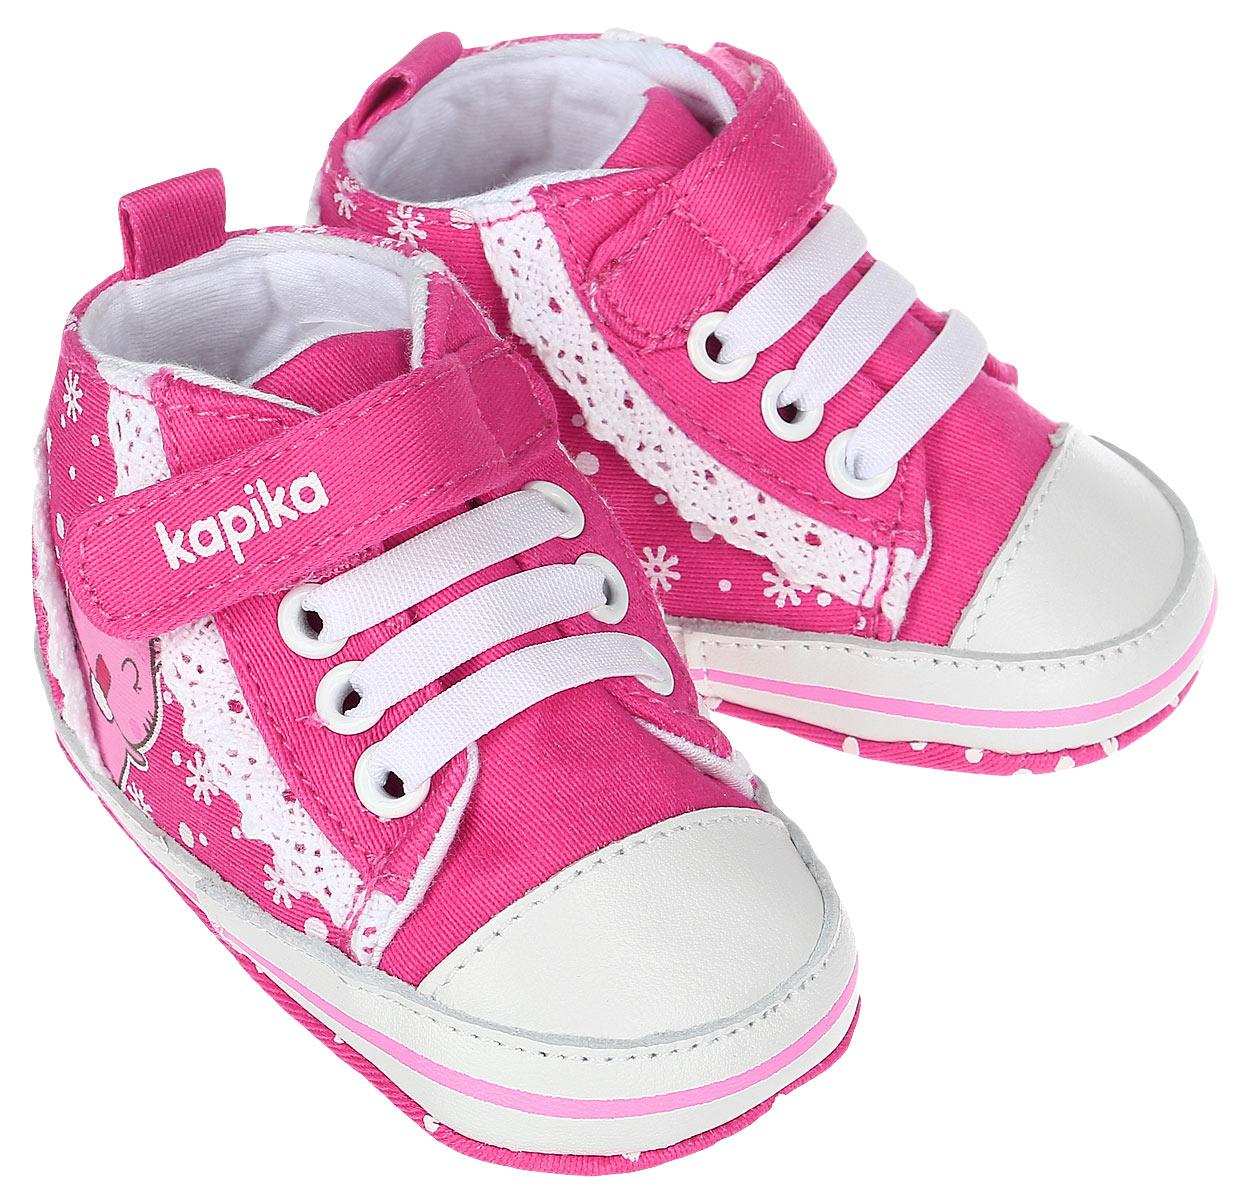 Пинетки для девочки Kapika, цвет: розовый, белый. 10120. Размер 1710120Стильные и модные пинетки для девочки Kapika великолепно дополнят наряд маленькой модницы. В них ваша малышка будет чувствовать себякомфортно и непринужденно. Пинетки выполнены из хлопка, оформленного принтом, с элементами из натуральной кожи. Модель на шнуровке,дополнена застежкой-липучкой, что надежно фиксирует пинетки на ножке ребенка и позволяет регулировать их объем. Пинетки декорированы кружевными оборками. Милые, нежные и удобные детские пинетки станут любимой обувью маленькой принцессы.